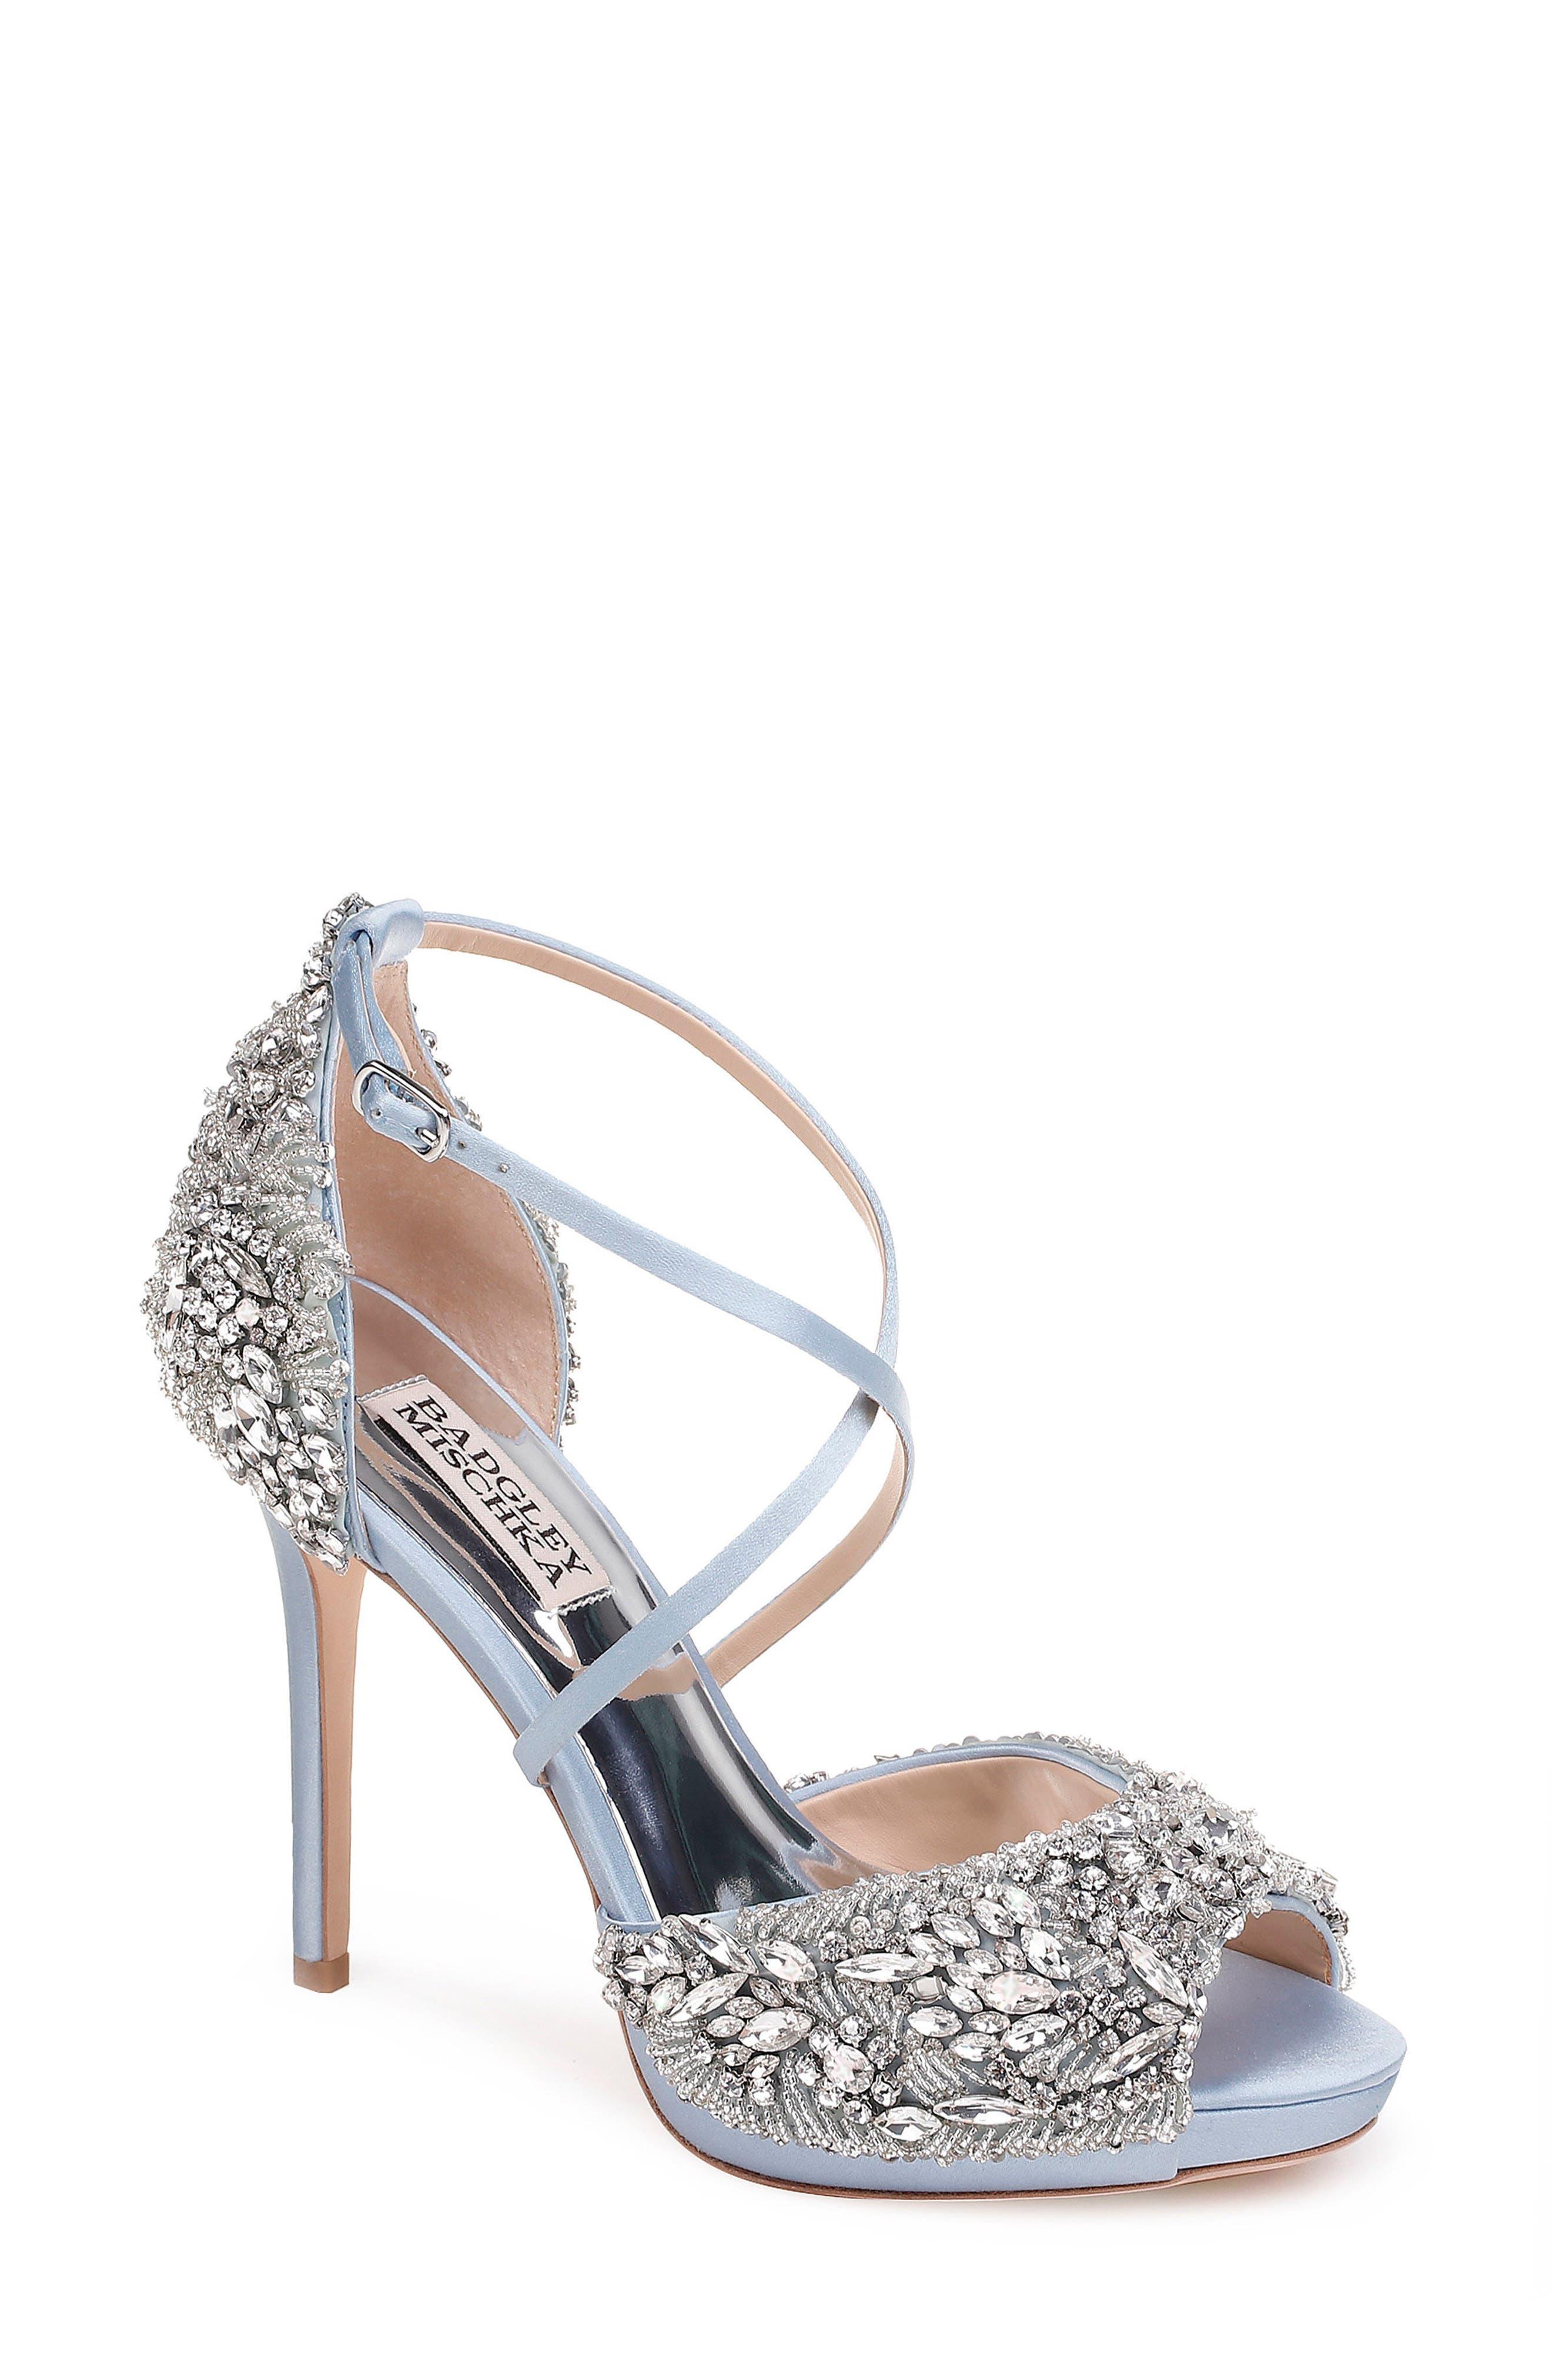 Hyper Crystal Embellished Sandal,                             Main thumbnail 1, color,                             Light Blue Satin